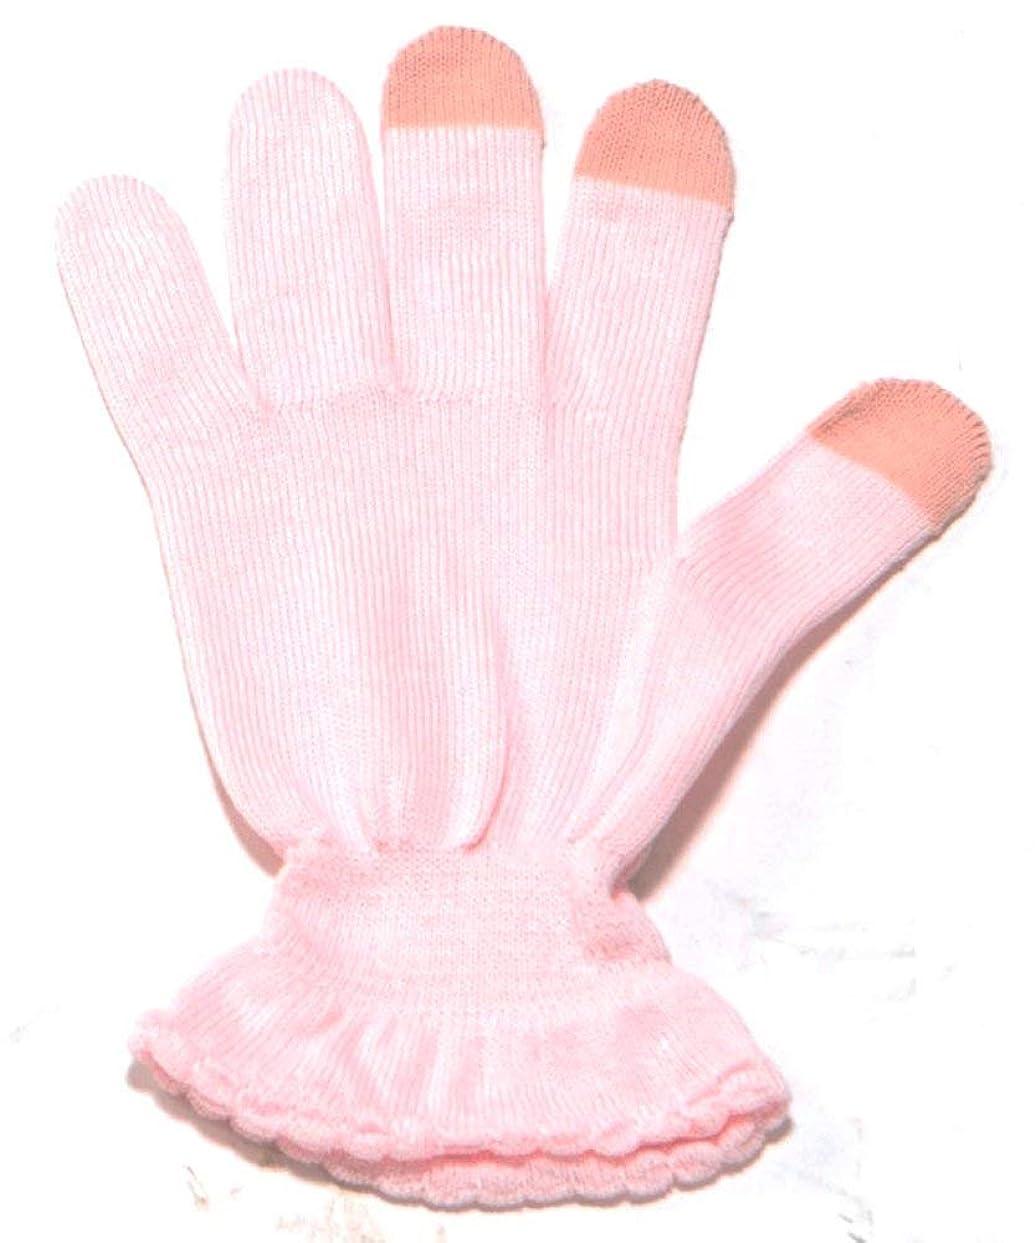 聴覚障害者ロードされたユダヤ人イチーナ【ハンドケア手袋タッチあり】スマホ対応 天然保湿効果配合繊維 (ピンク, S~M(17~20㎝))